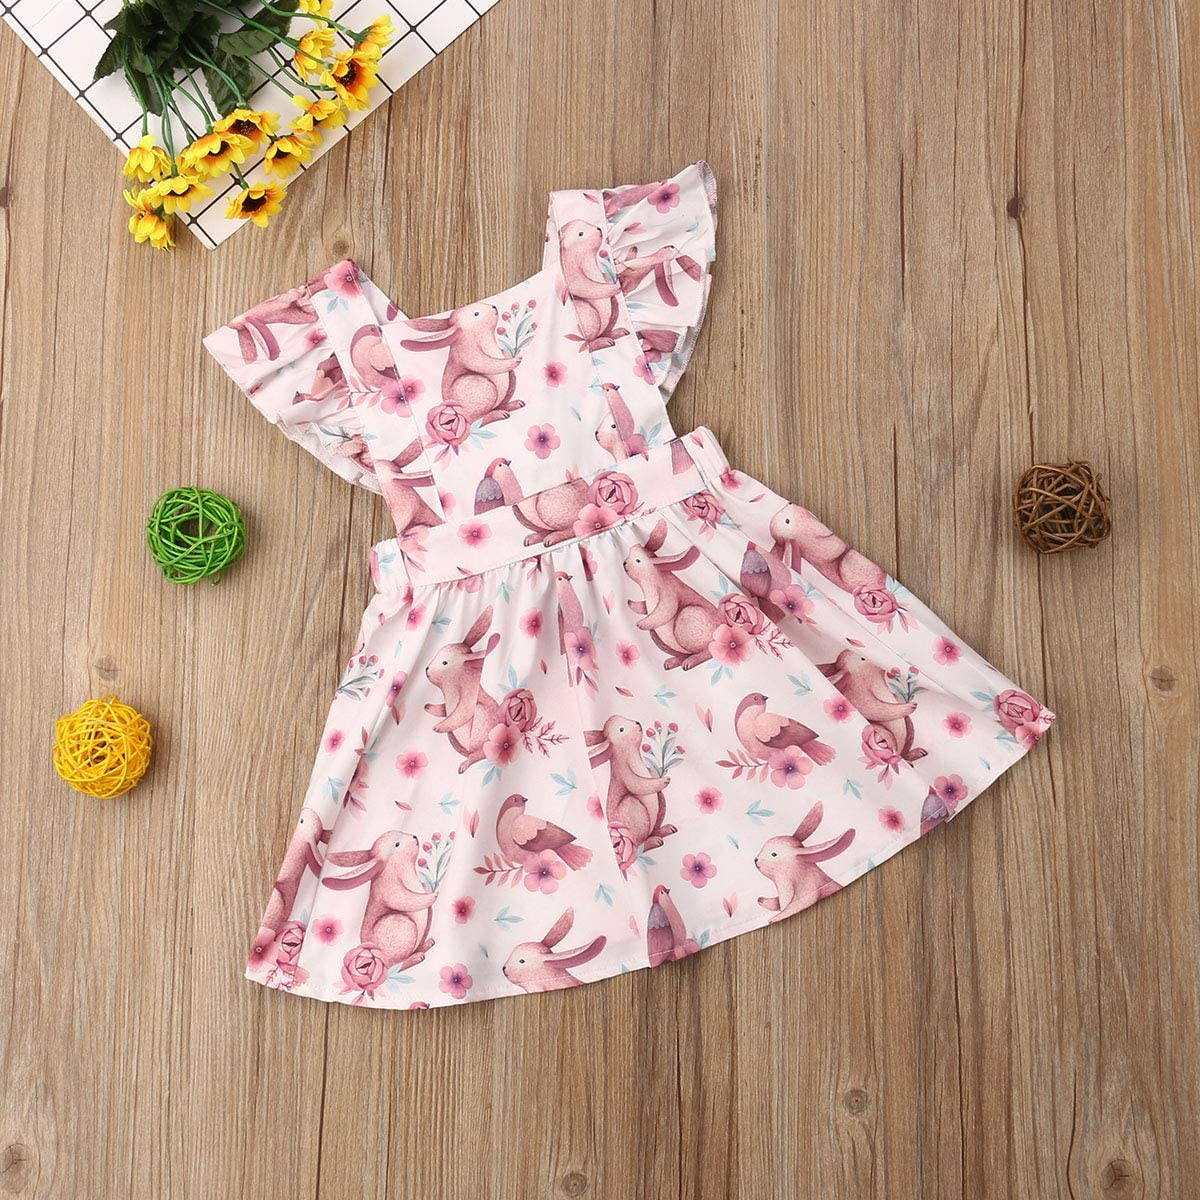 Toddler Baby Girls Princess Dress,Kids Ruffle Sleeveless Bowknot Tutu Skirt Dress Summer Outfit Clothes